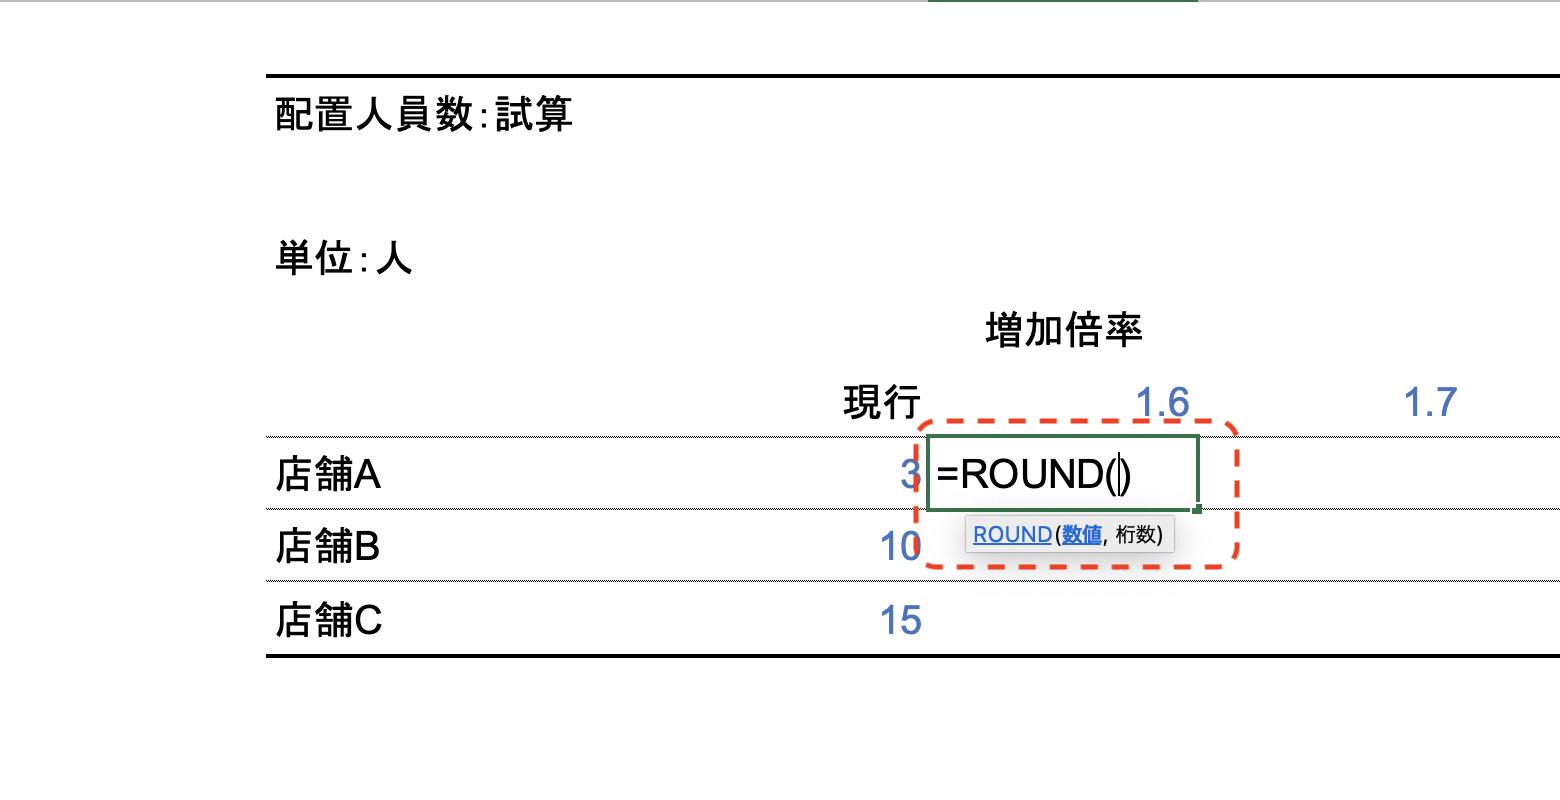 ROUND()